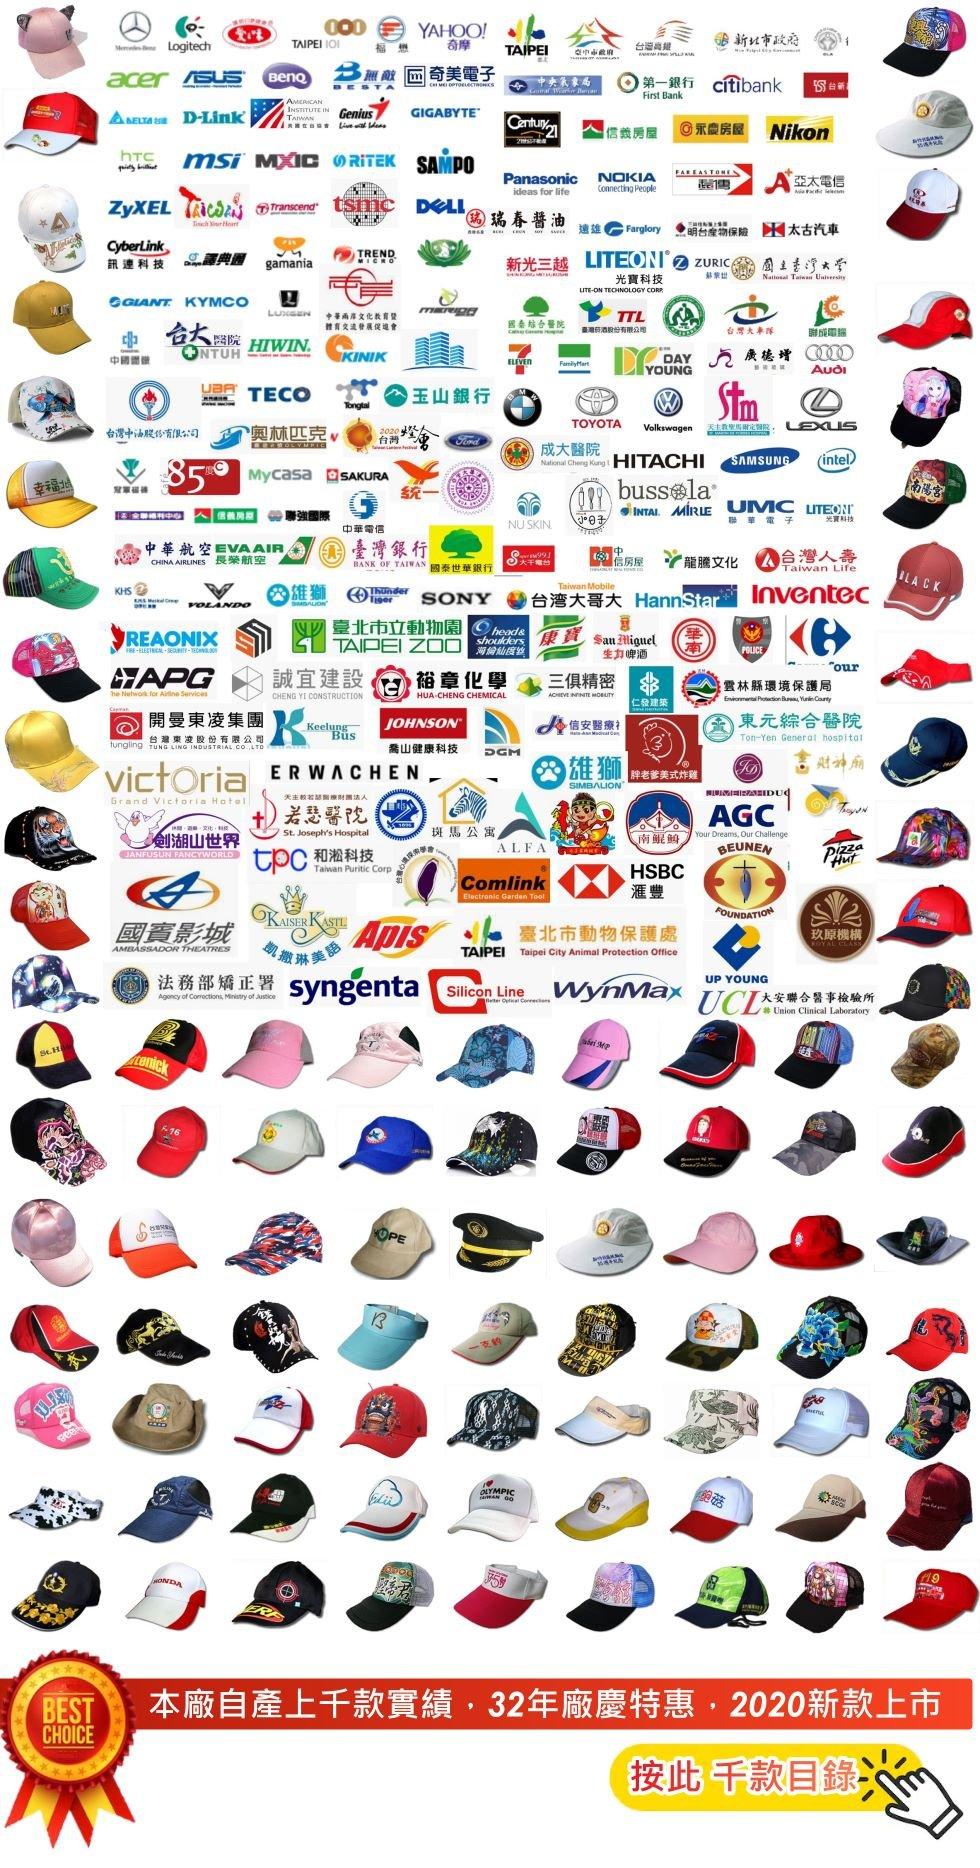 客製化帽子製作-製帽廠推薦-棒球帽品牌